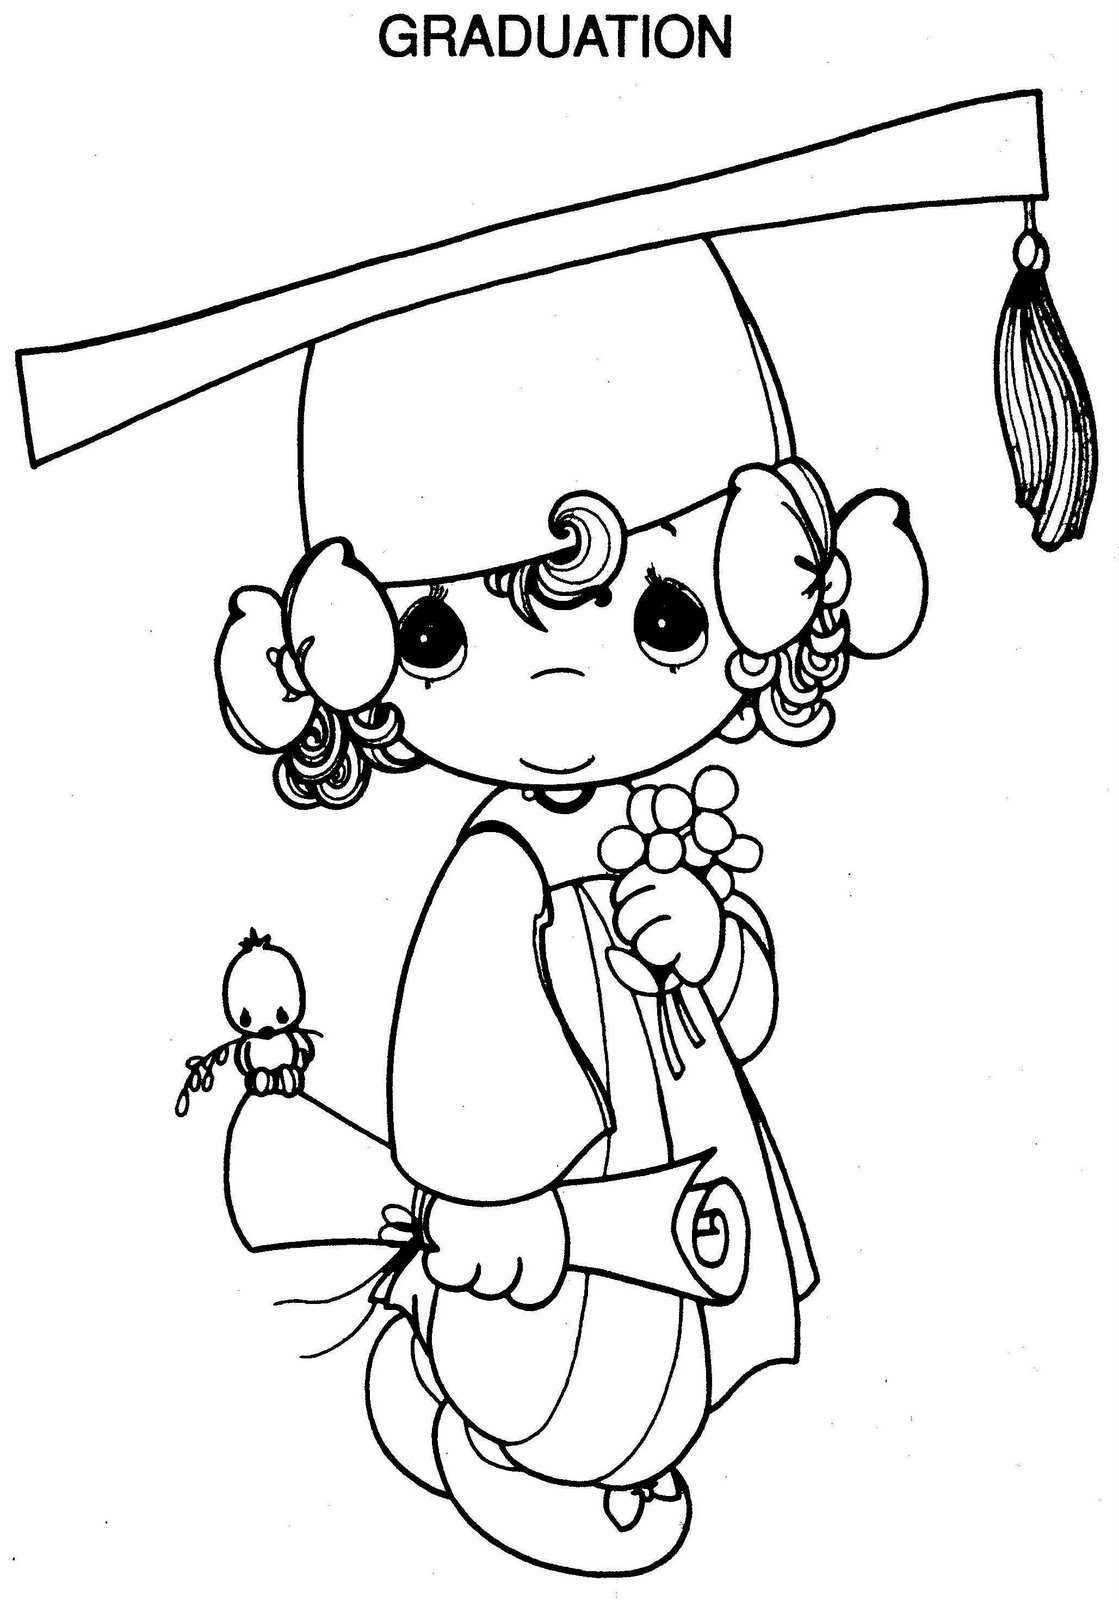 Leer contigo: Ideas para la mejor graduación